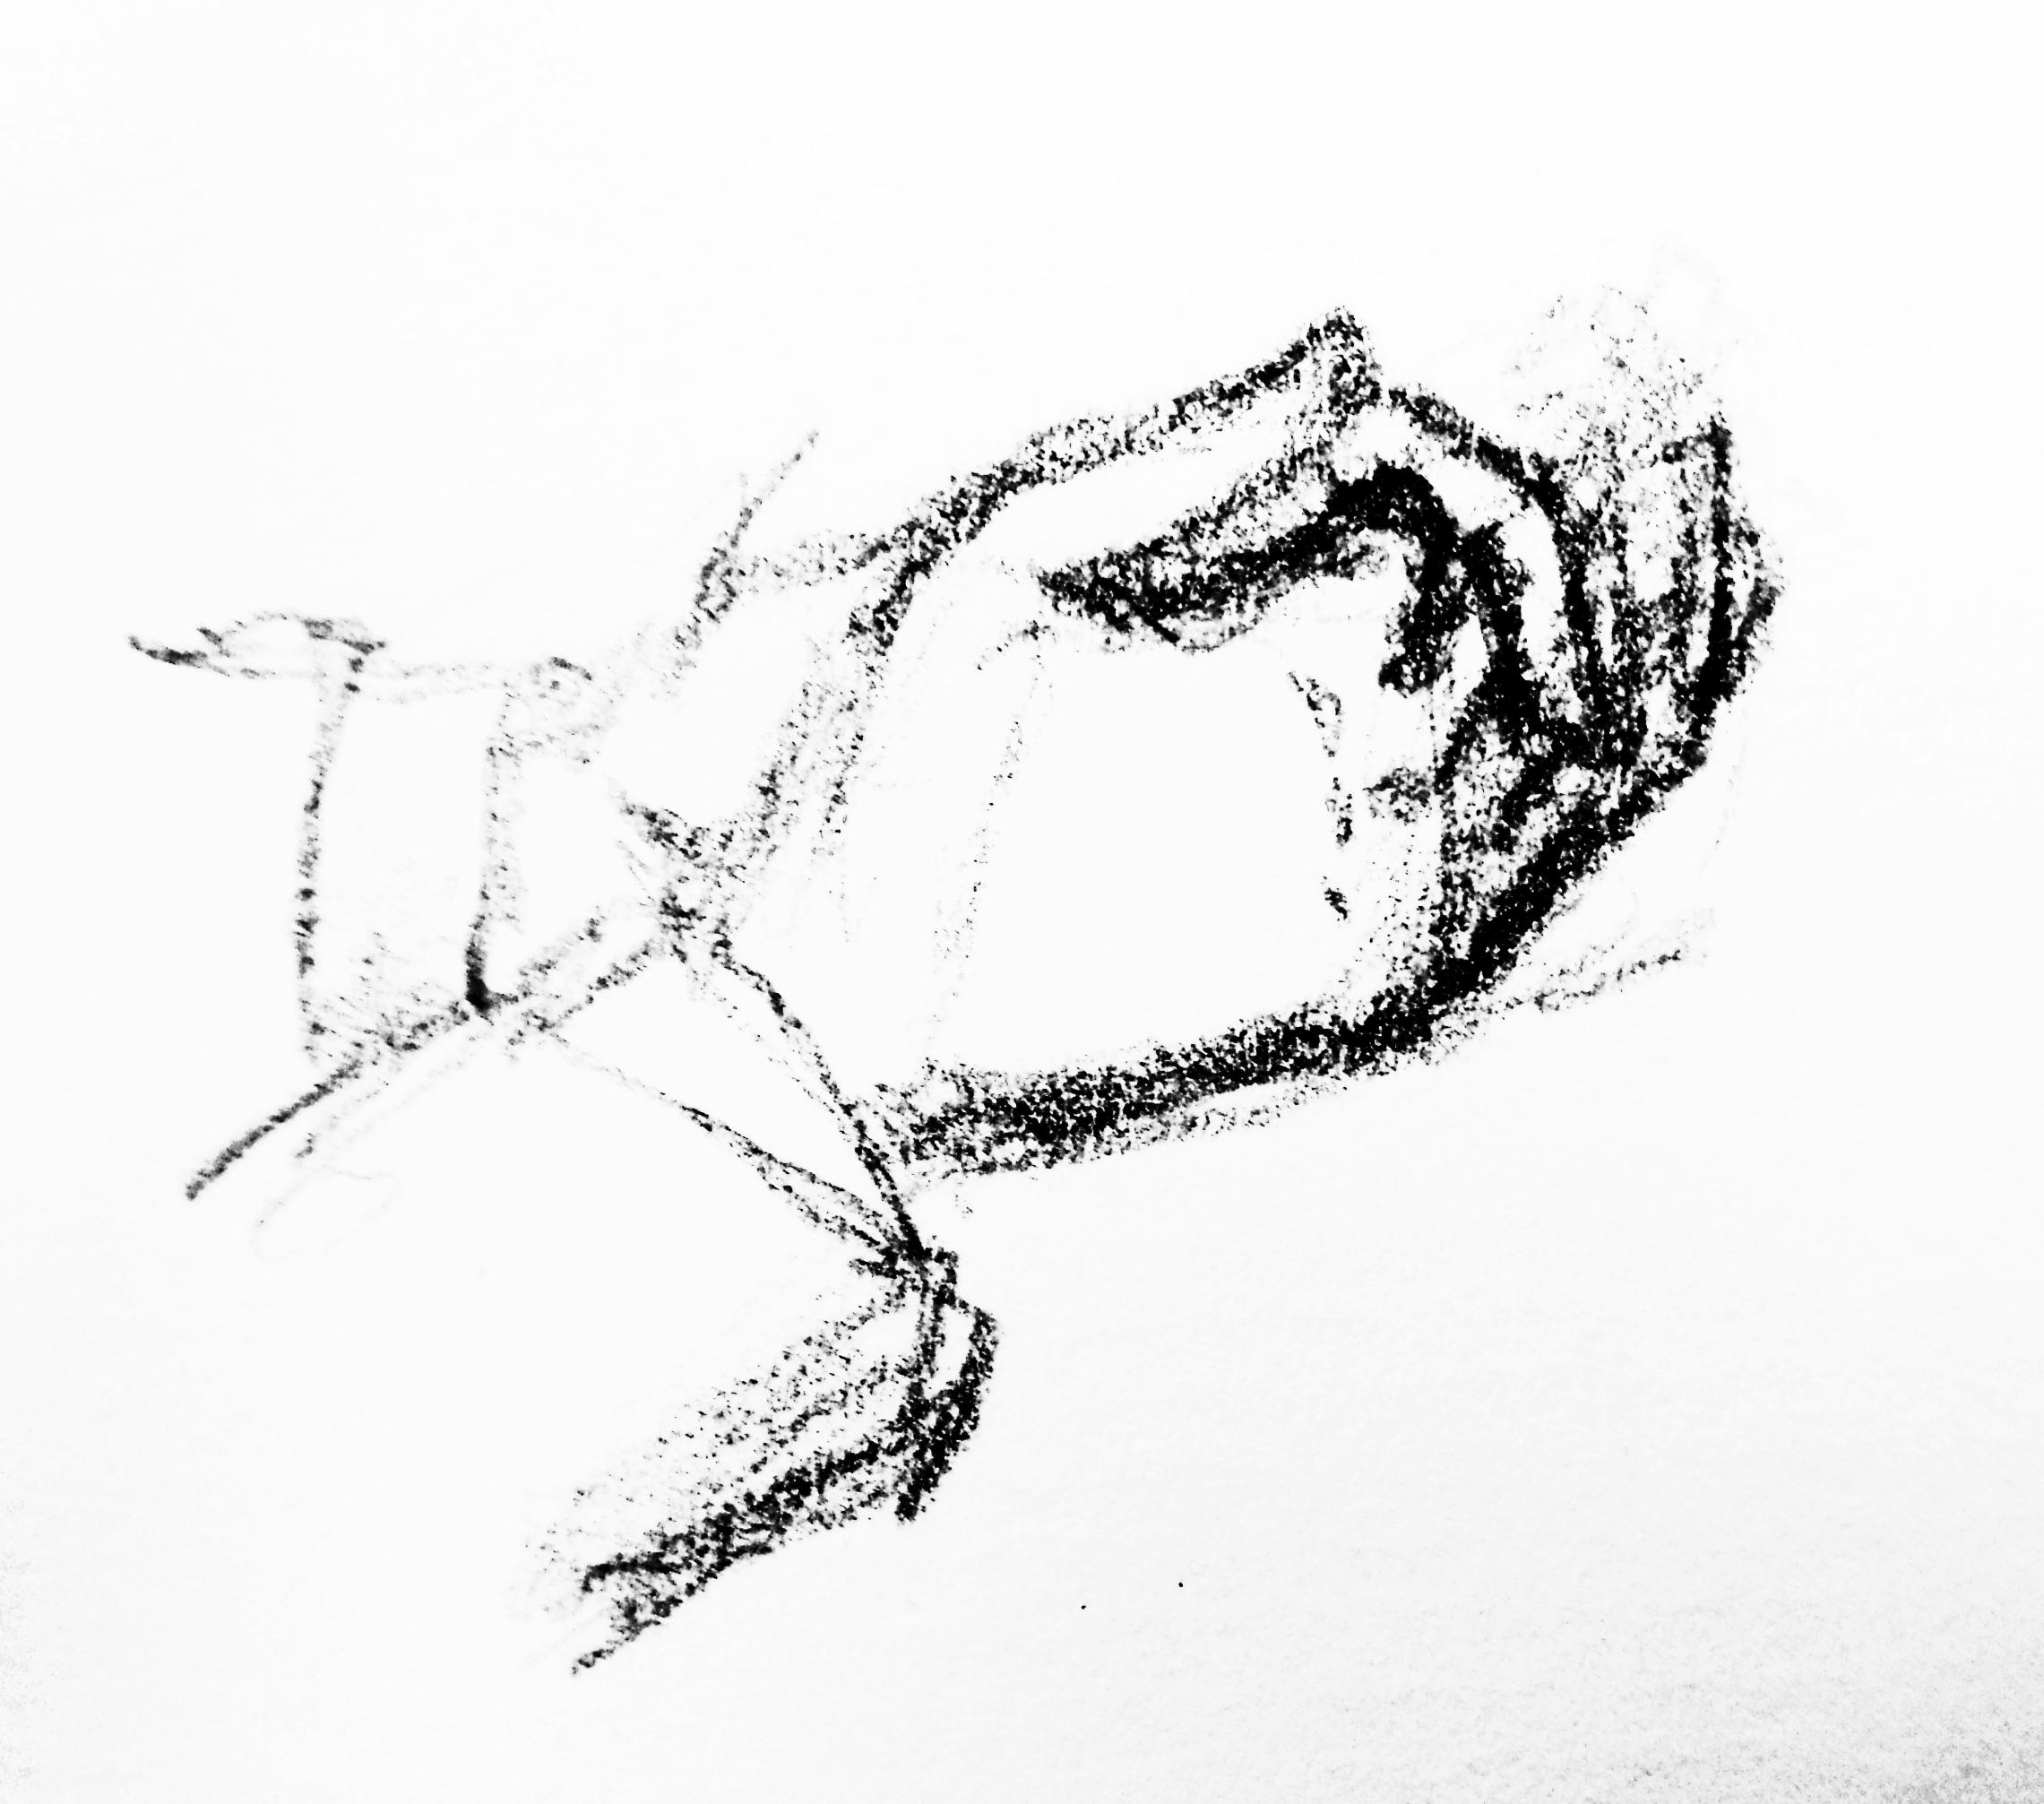 Nervöse Hände des BND-Mitarbeiters Dr. T. Zeichnung: Stella Schiffczyk